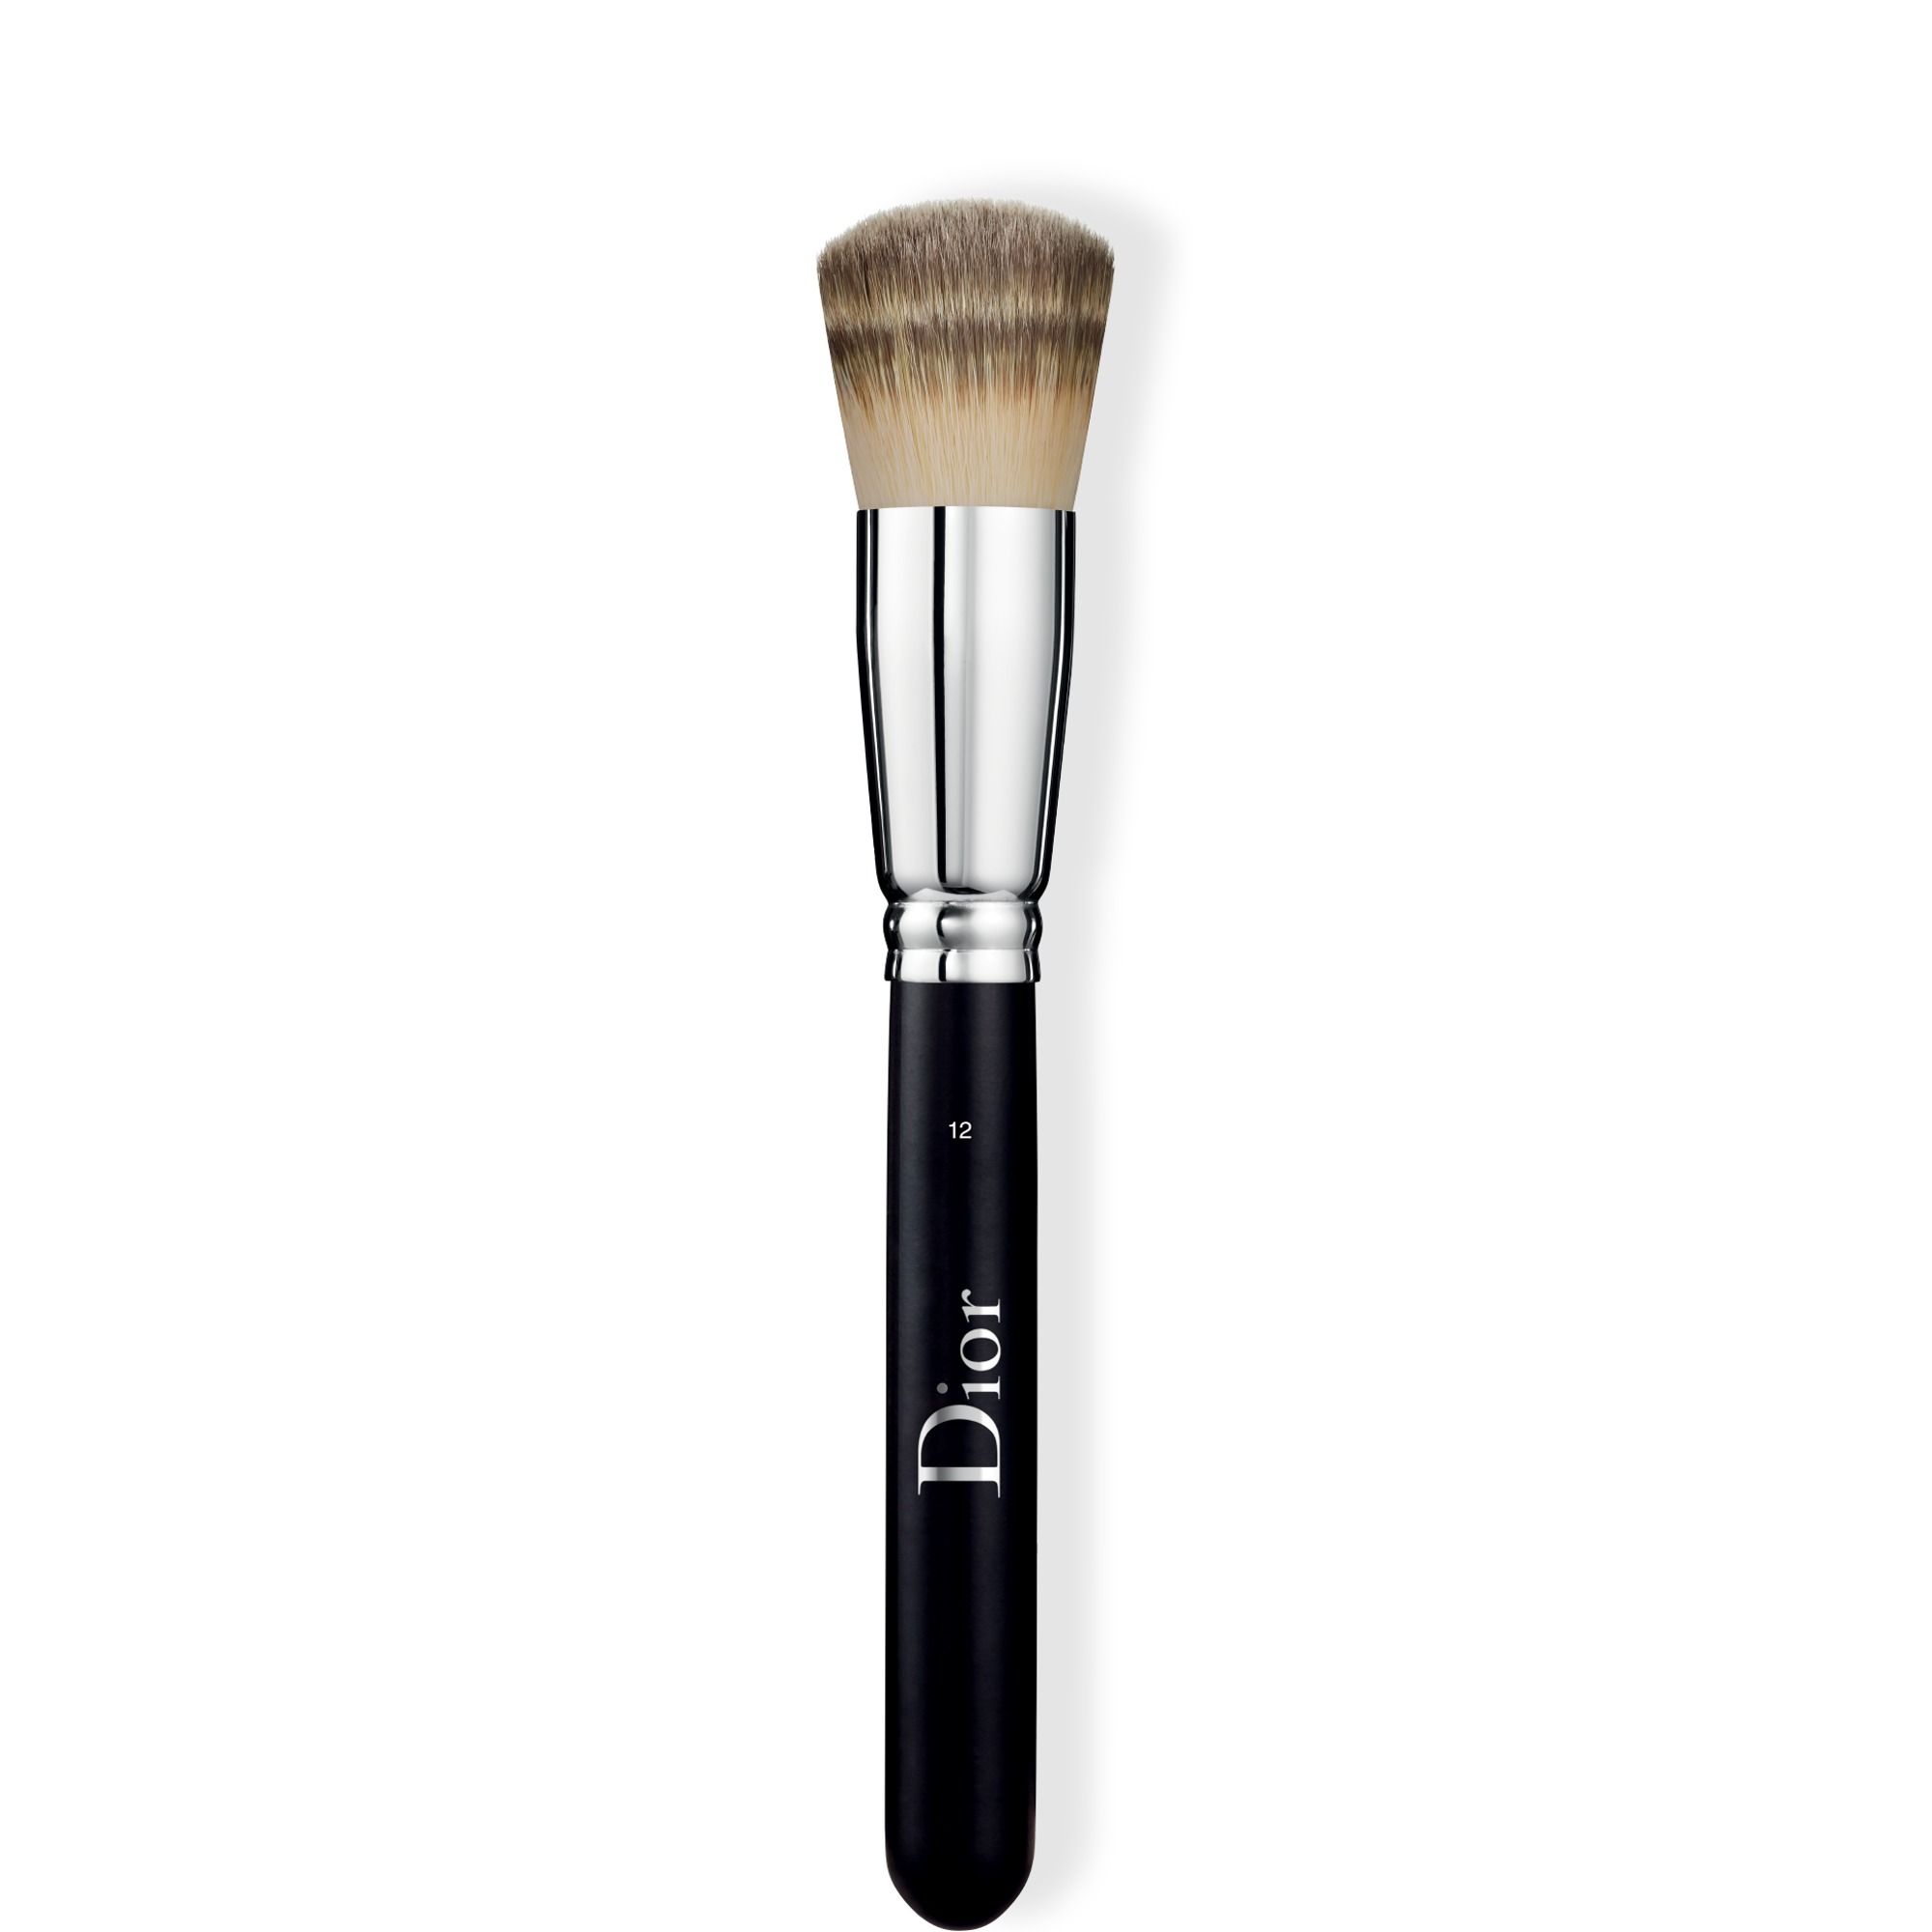 Full Coverage Fluid Foundation Brush N°12